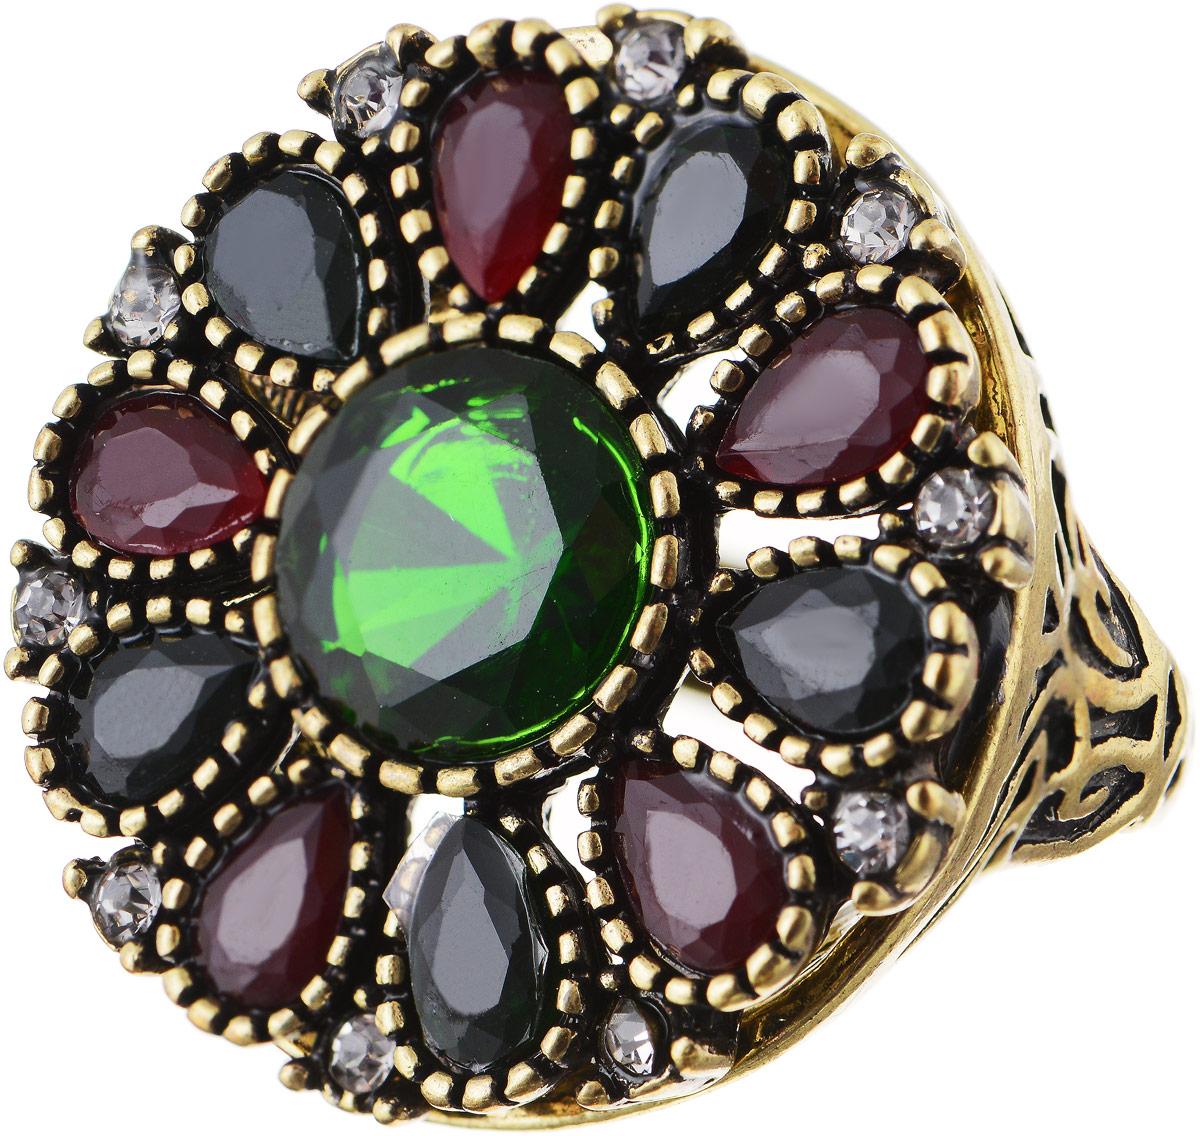 Кольцо Bradex Аннабель, цвет: золотой, зеленый, бордовый. AS 0017. Размер 18AS 0017Кольцо Bradex Аннабель выполнено из металлического сплава. Декоративный элемент выполнен в круглой форме и украшен вставками из искусственных камней и страз.